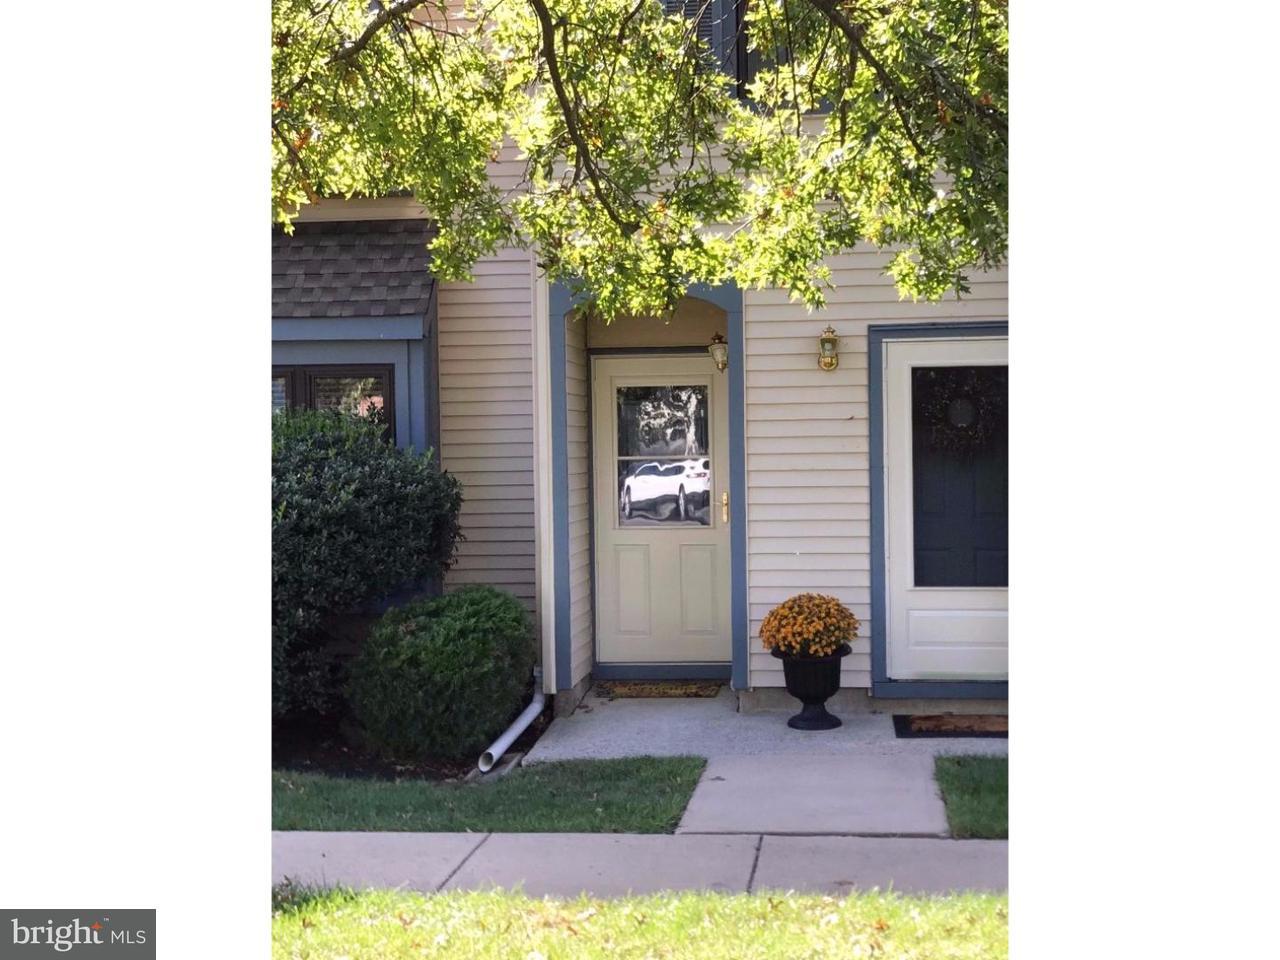 Casa Unifamiliar por un Alquiler en 40 WYNDHAM Place Robbinsville, Nueva Jersey 08691 Estados UnidosEn/Alrededor: Robbinsville Township